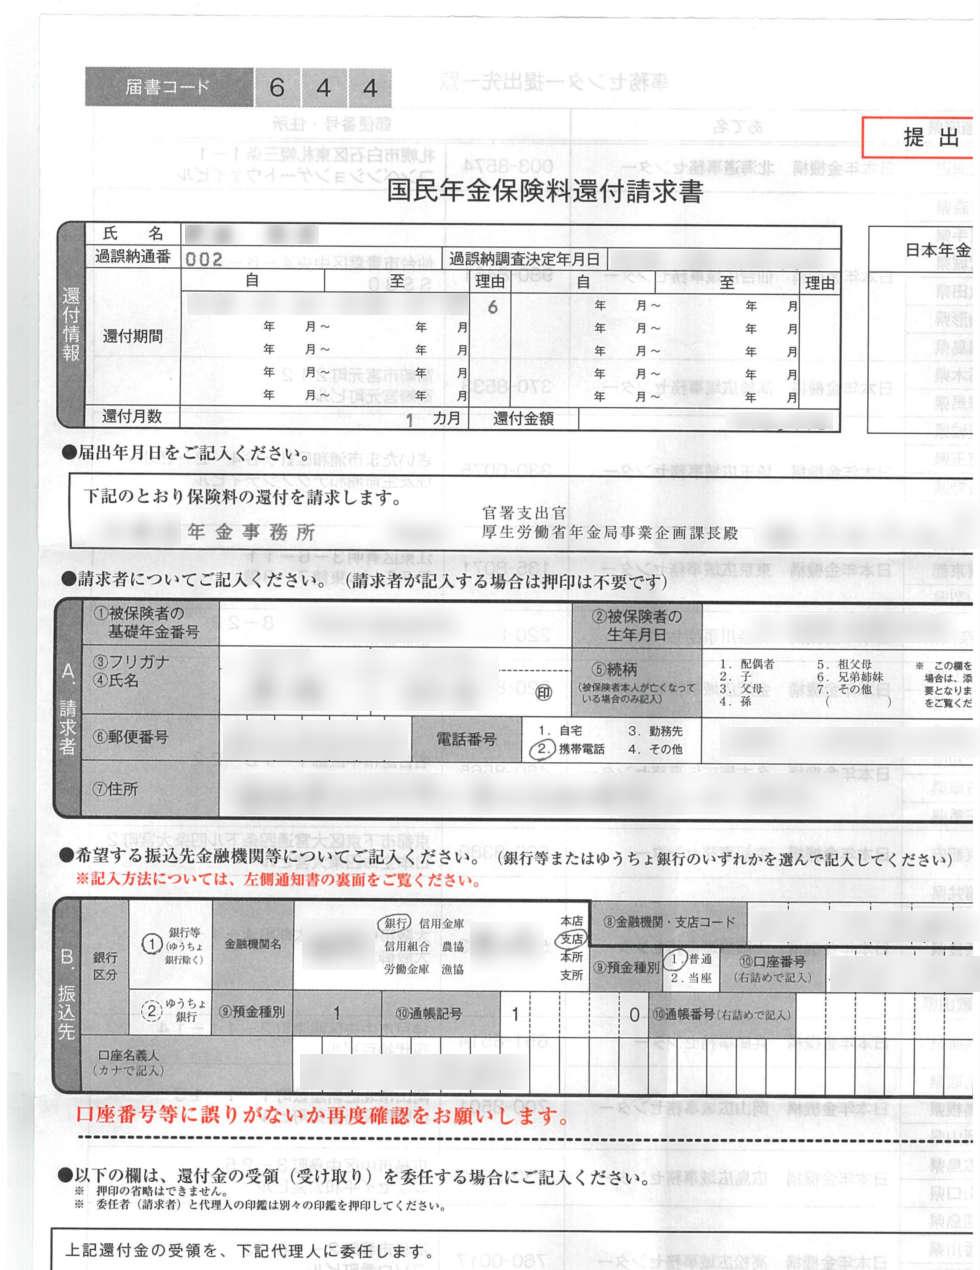 国民年金保険料還付請求書_改